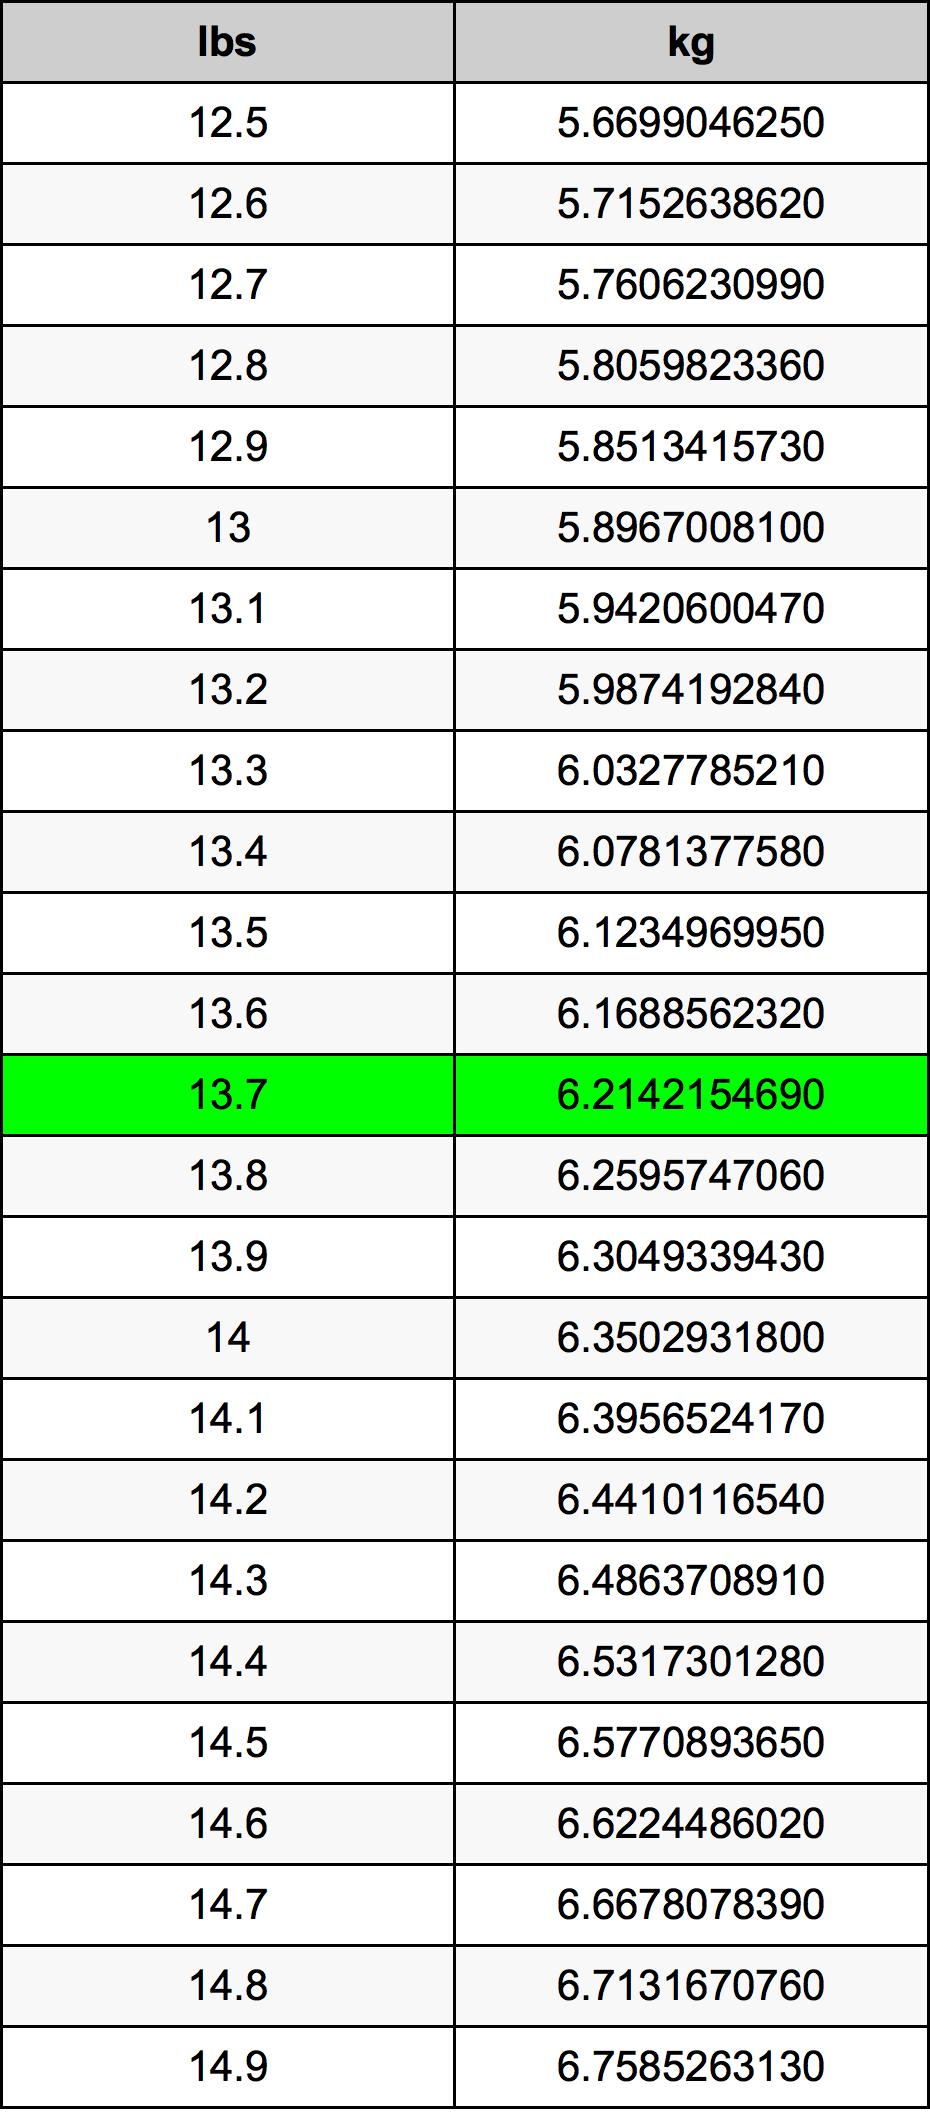 13.7 Svaras konversijos lentelę